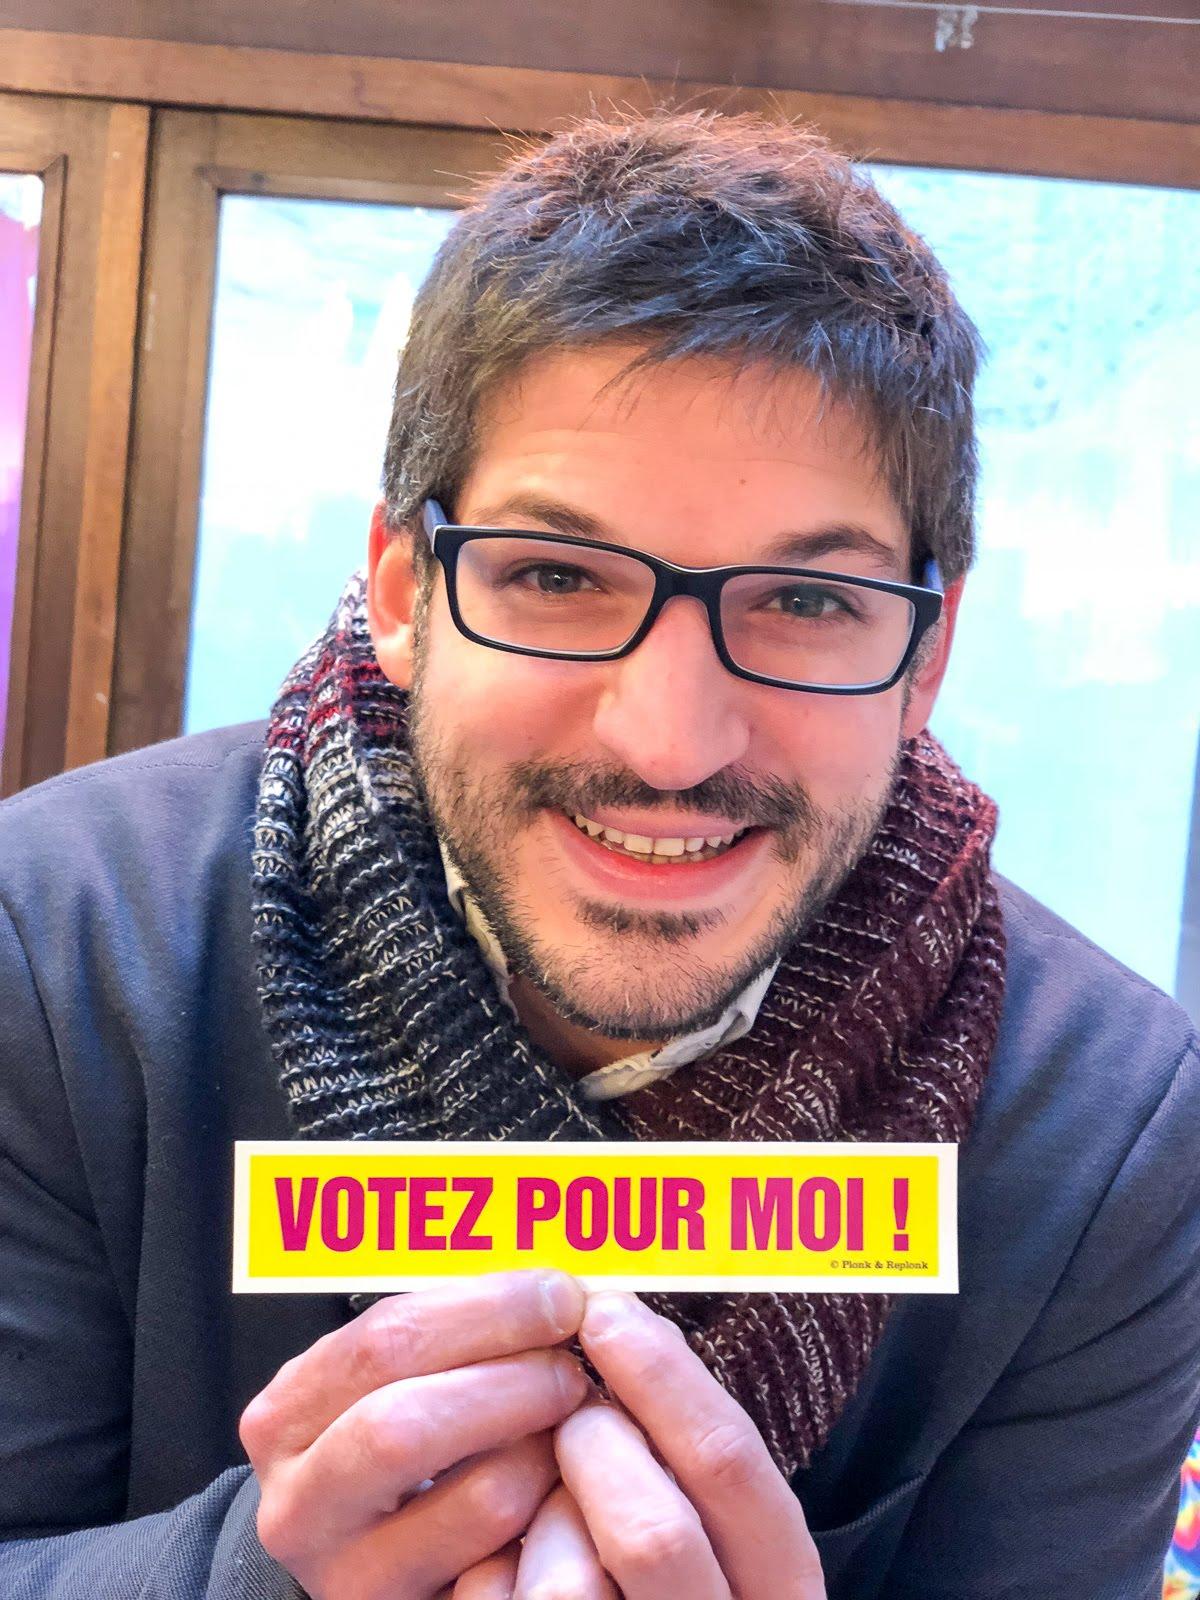 JulienIMG_6647.jpg